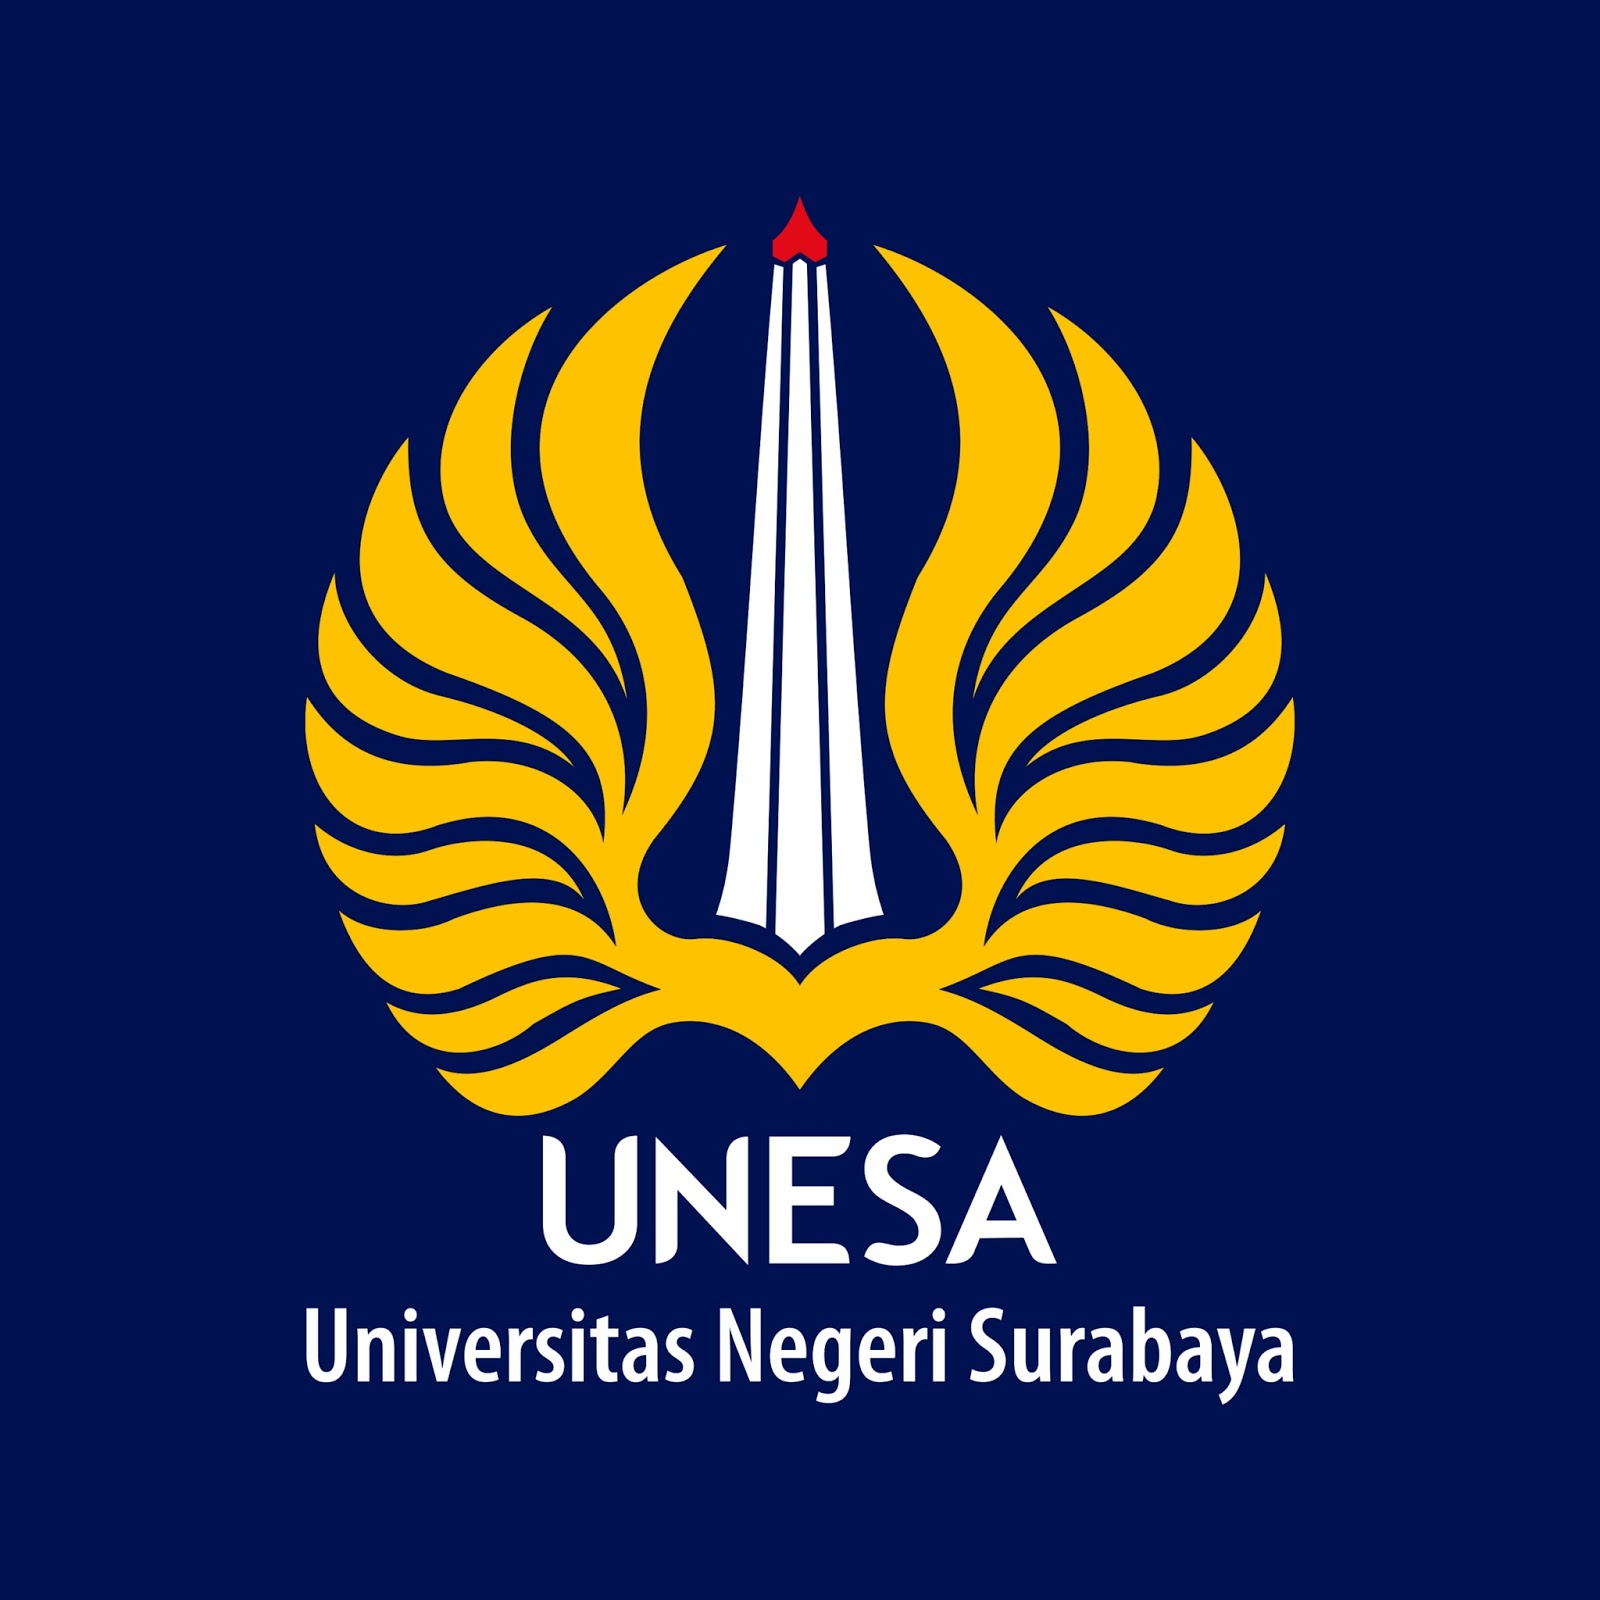 tifan wawasan kampus unesa